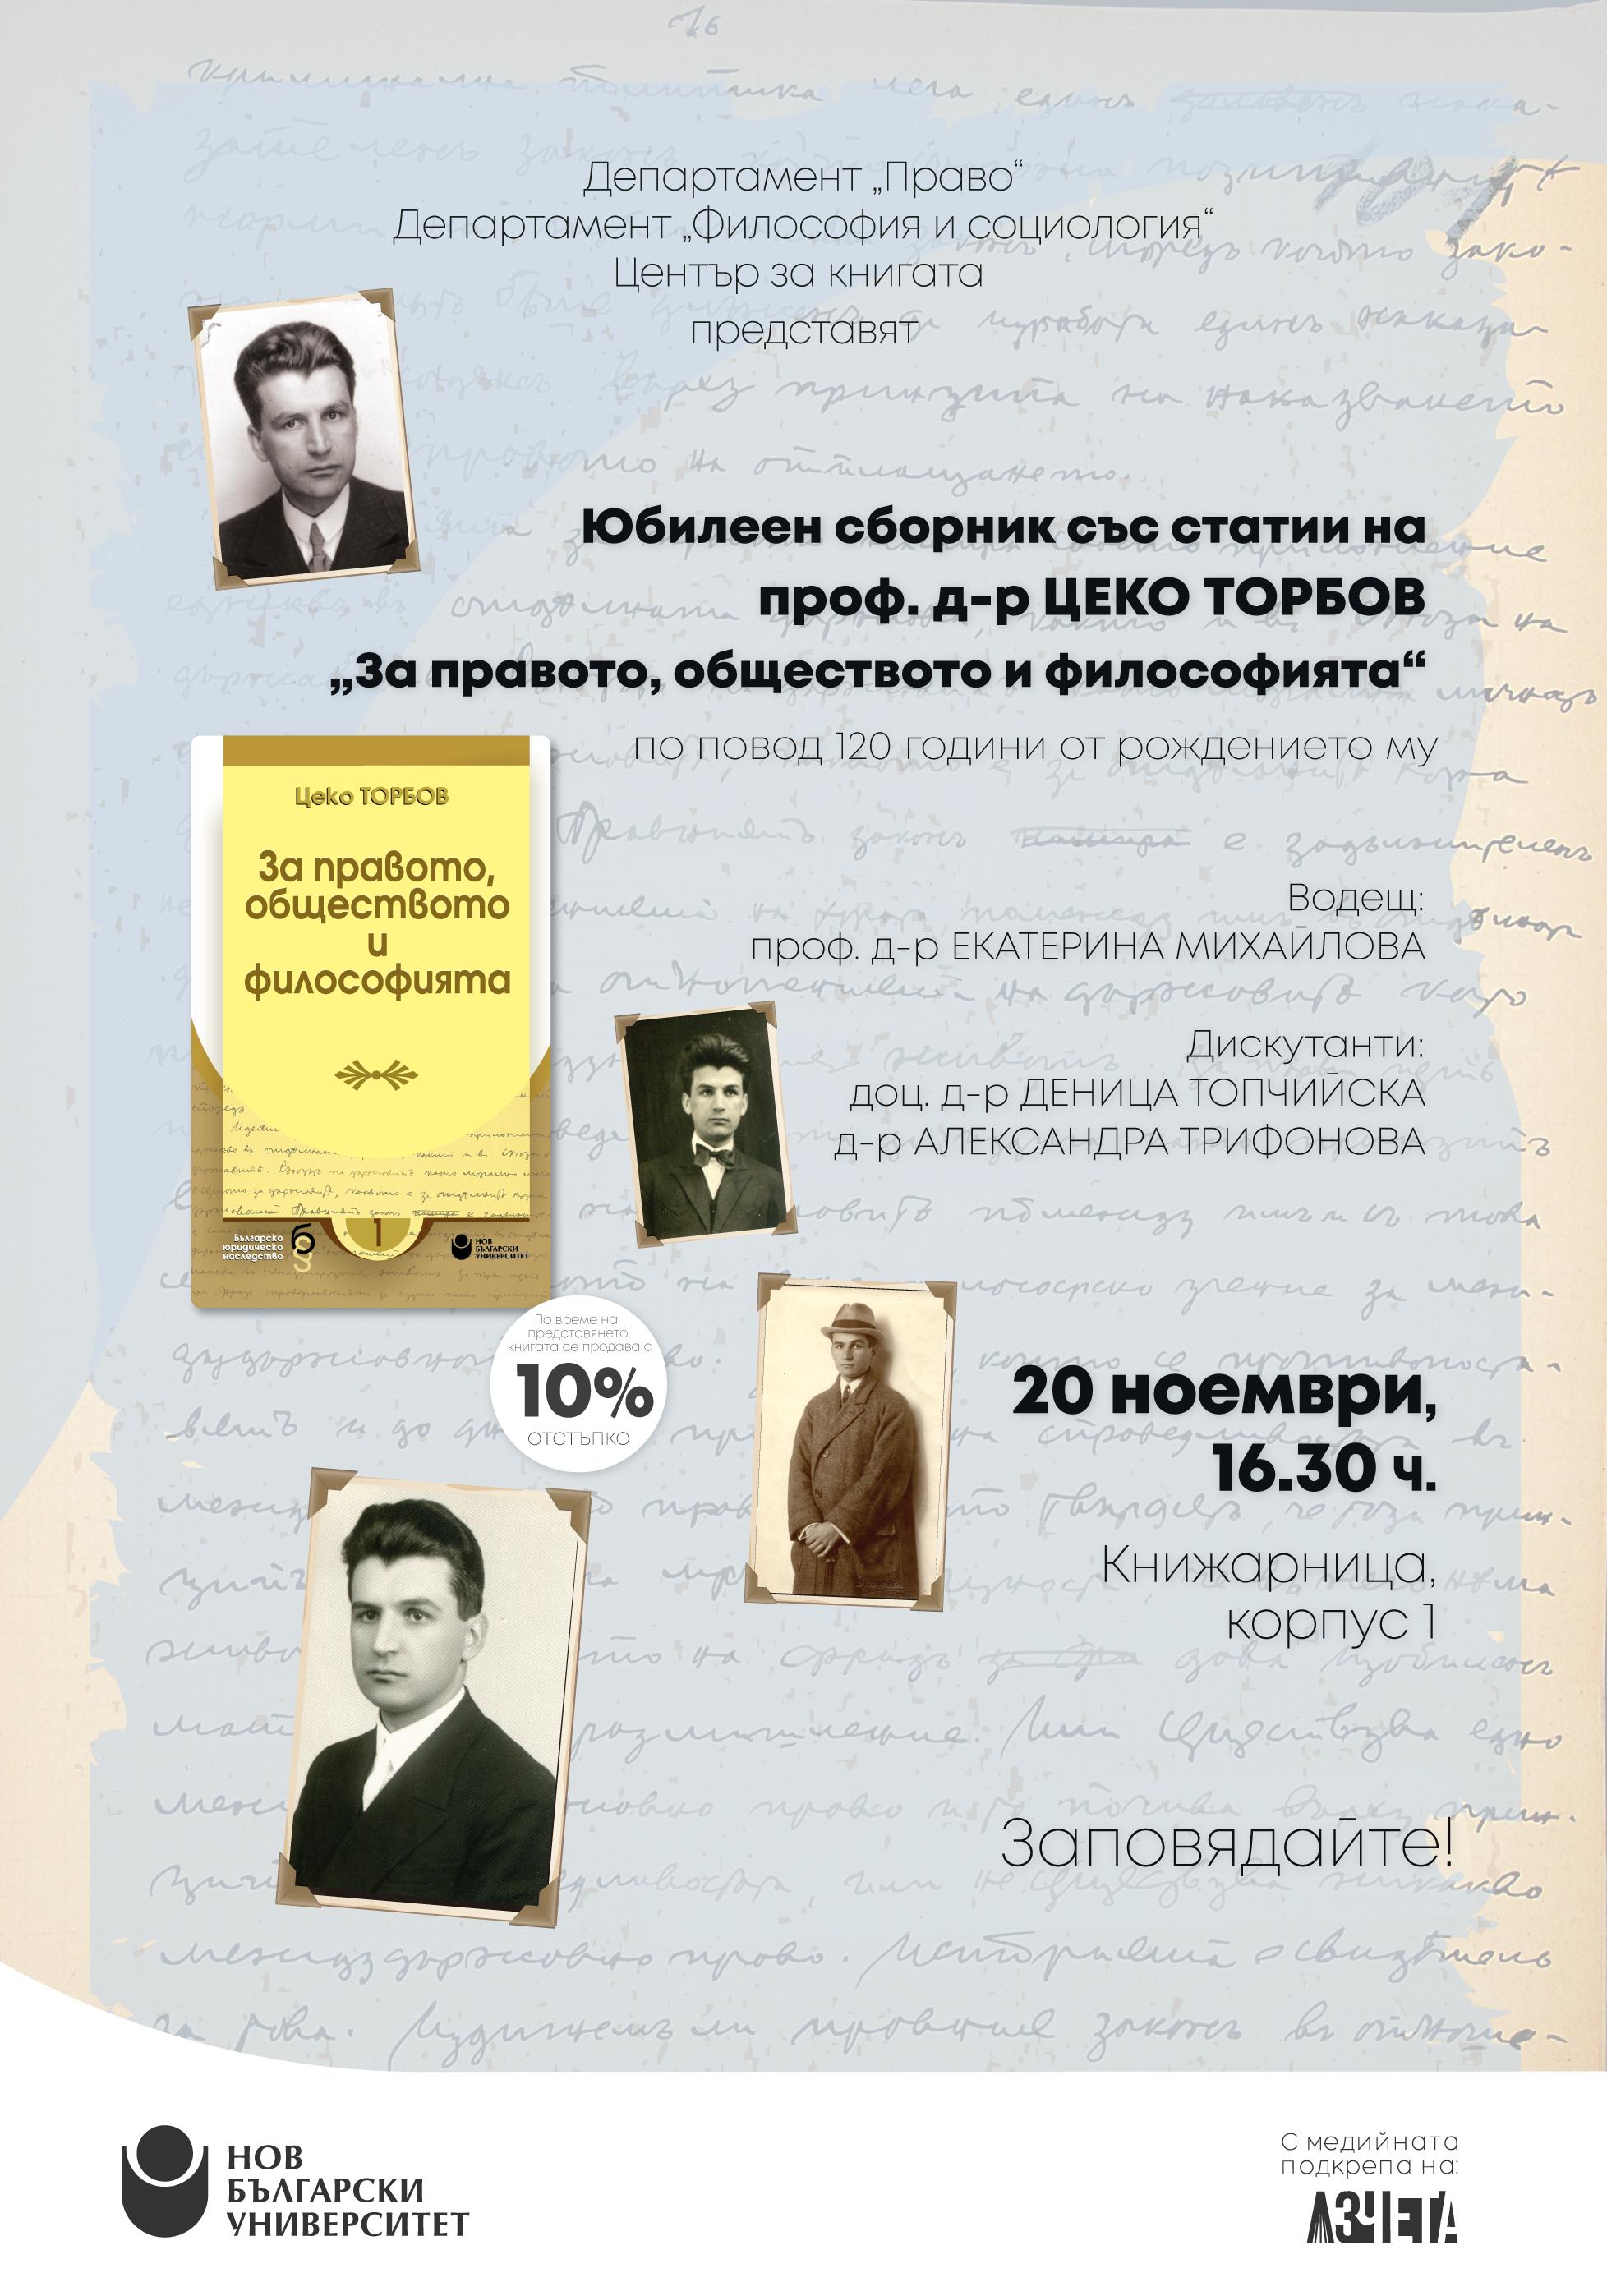 """Представяне на сборник със статии на проф. д-р Цеко Торбов """"За правото, обществото и философията"""""""